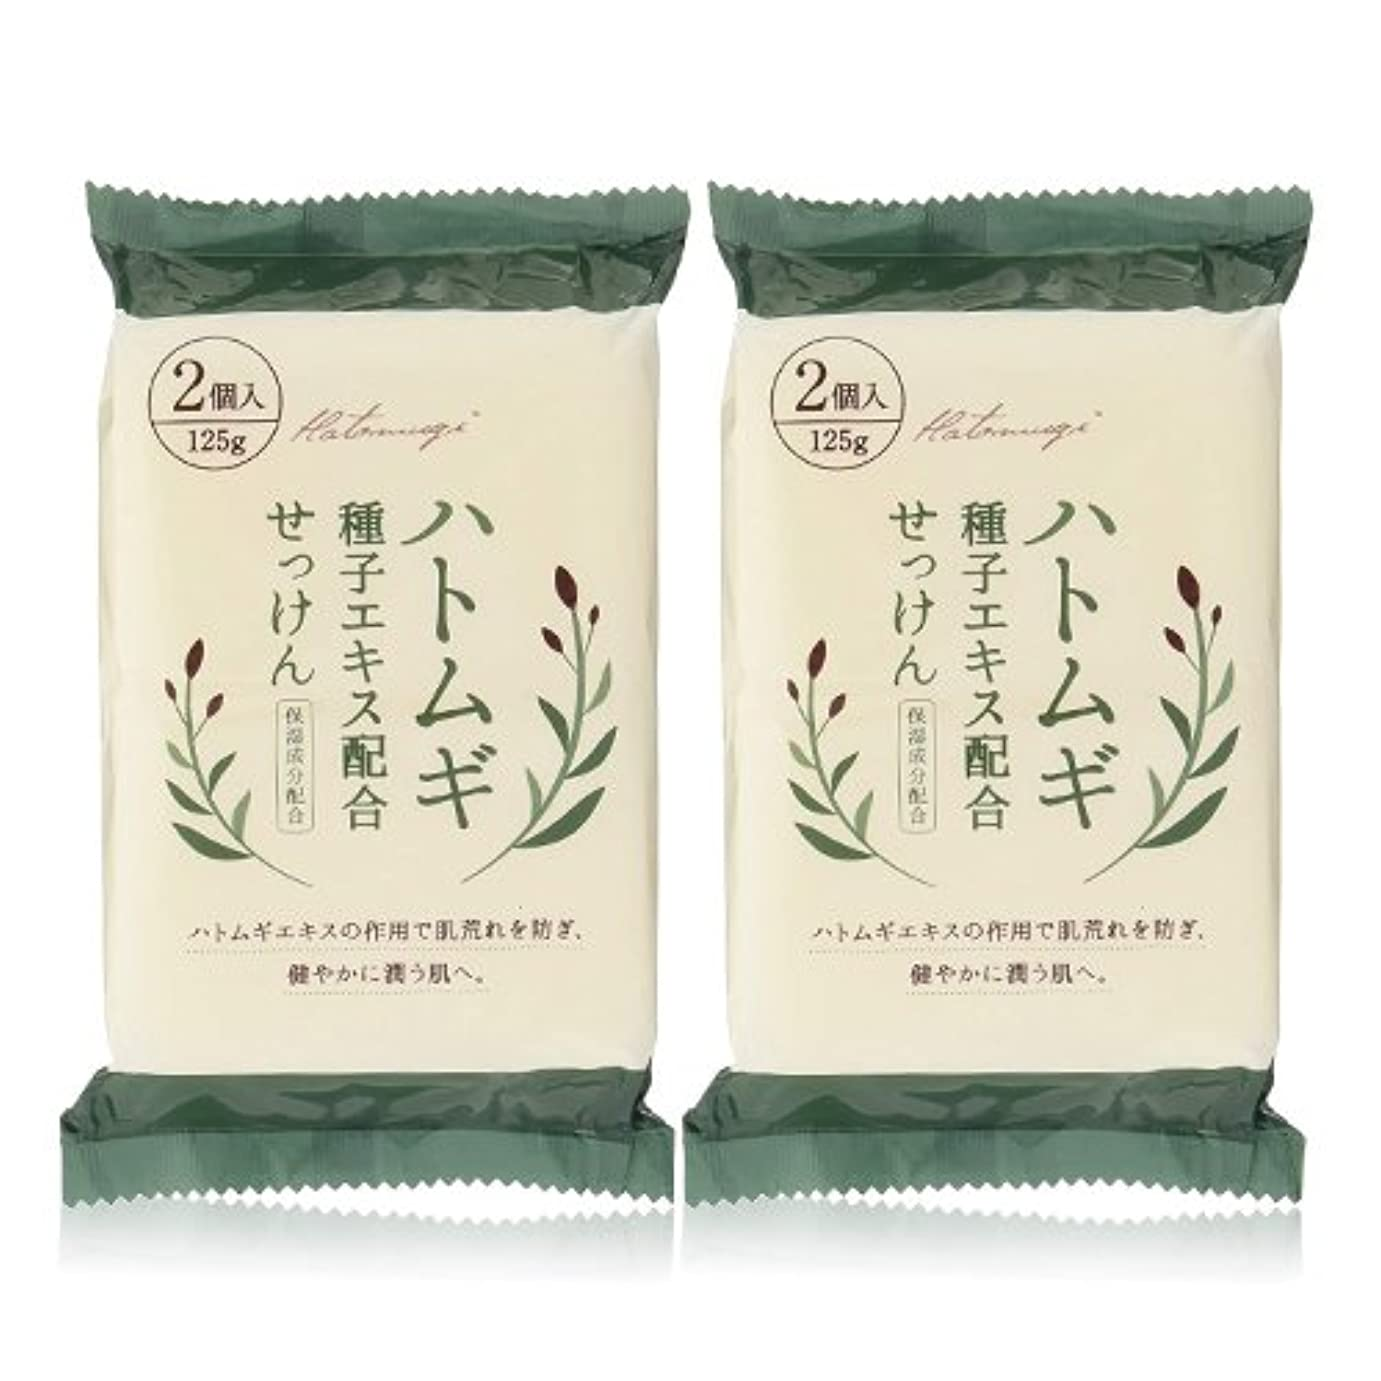 鮮やかな健康ピークハトムギ種子エキス配合石けん 125g(2コ入)×2個セット(計4個)